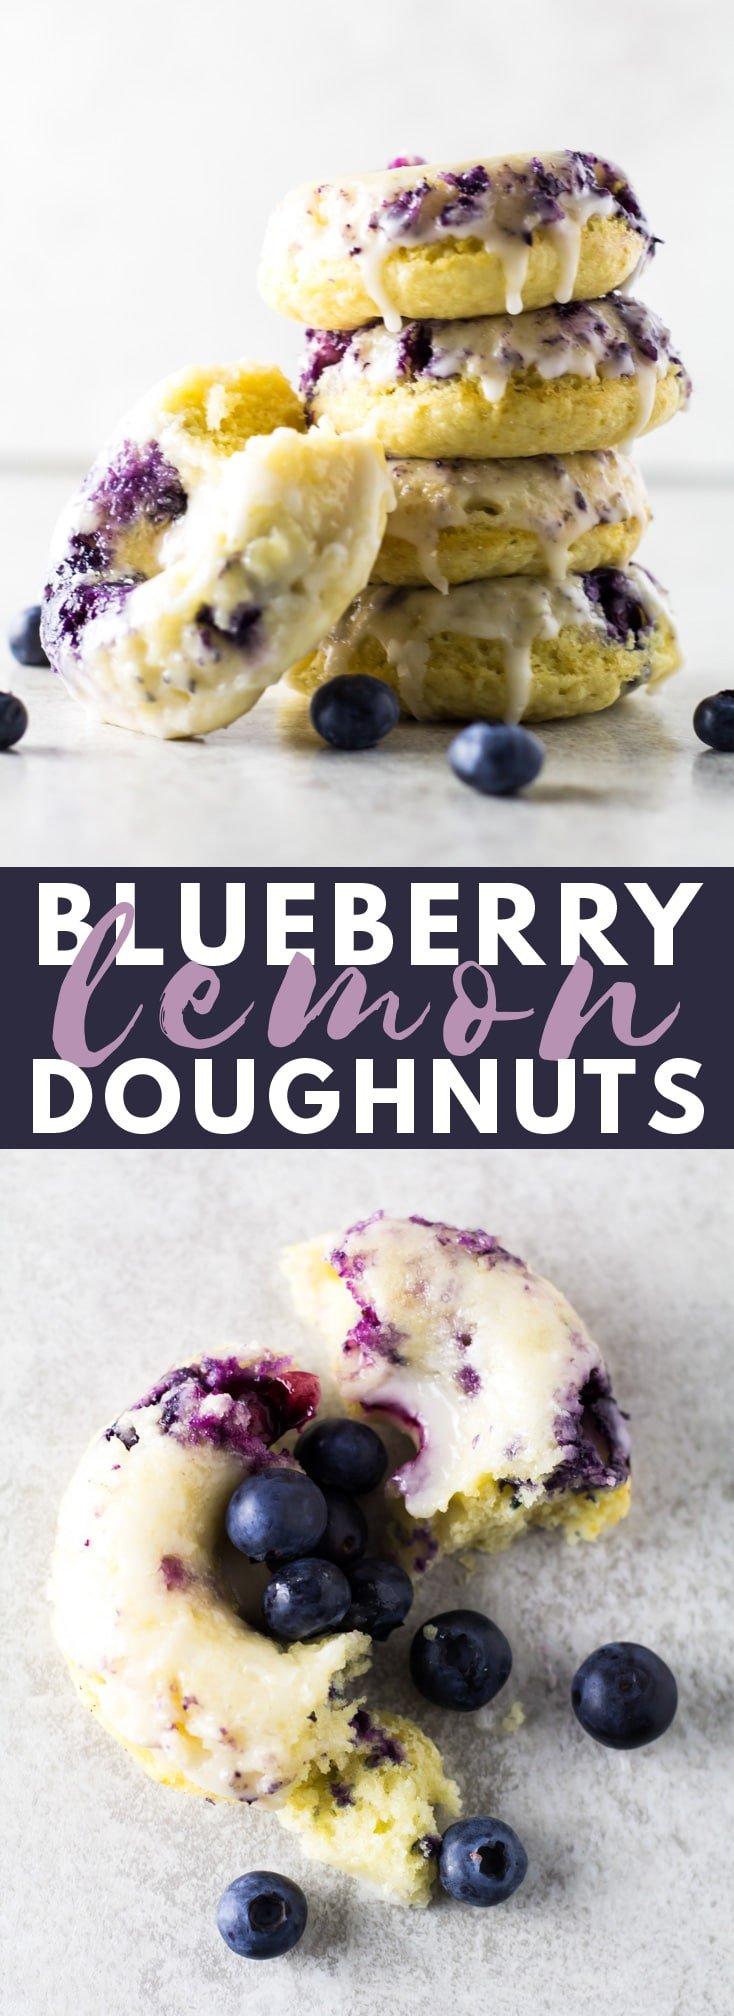 Baked Lemon Blueberry Doughnuts